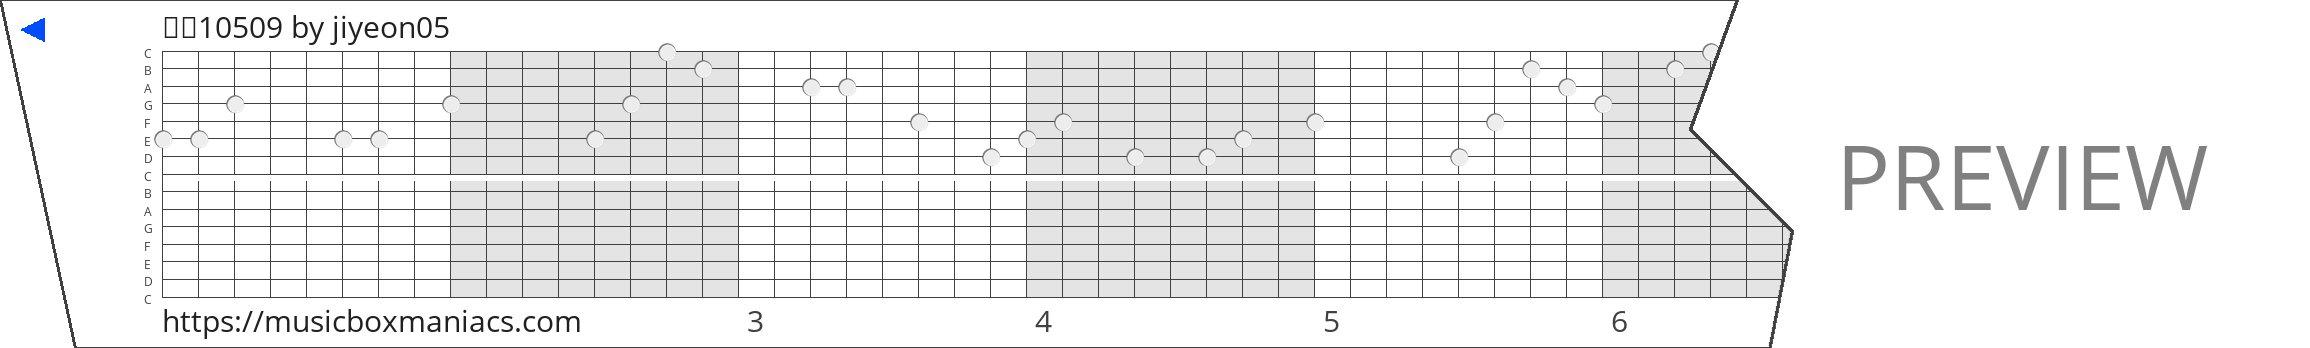 연습10509 15 note music box paper strip